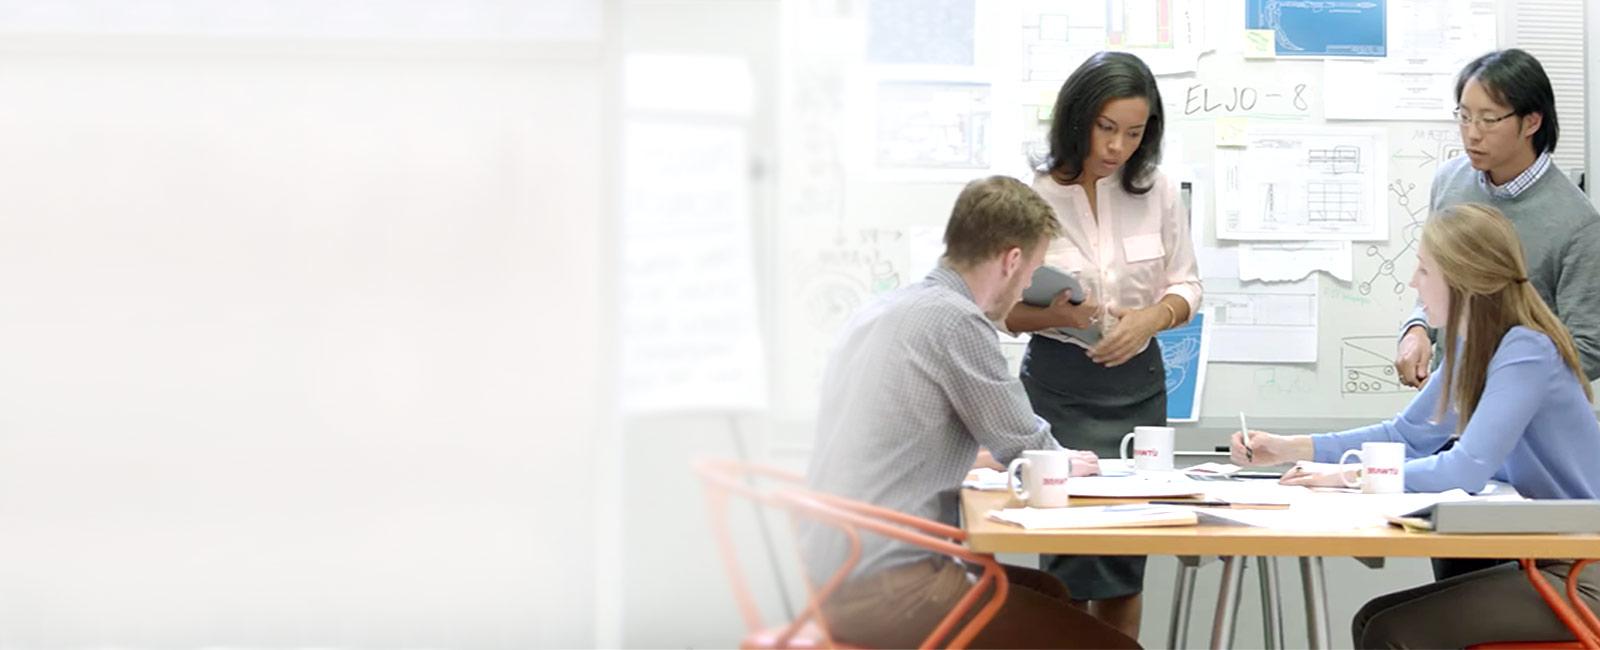 白板前铺满文件的桌旁站着的两人和坐着的两人。